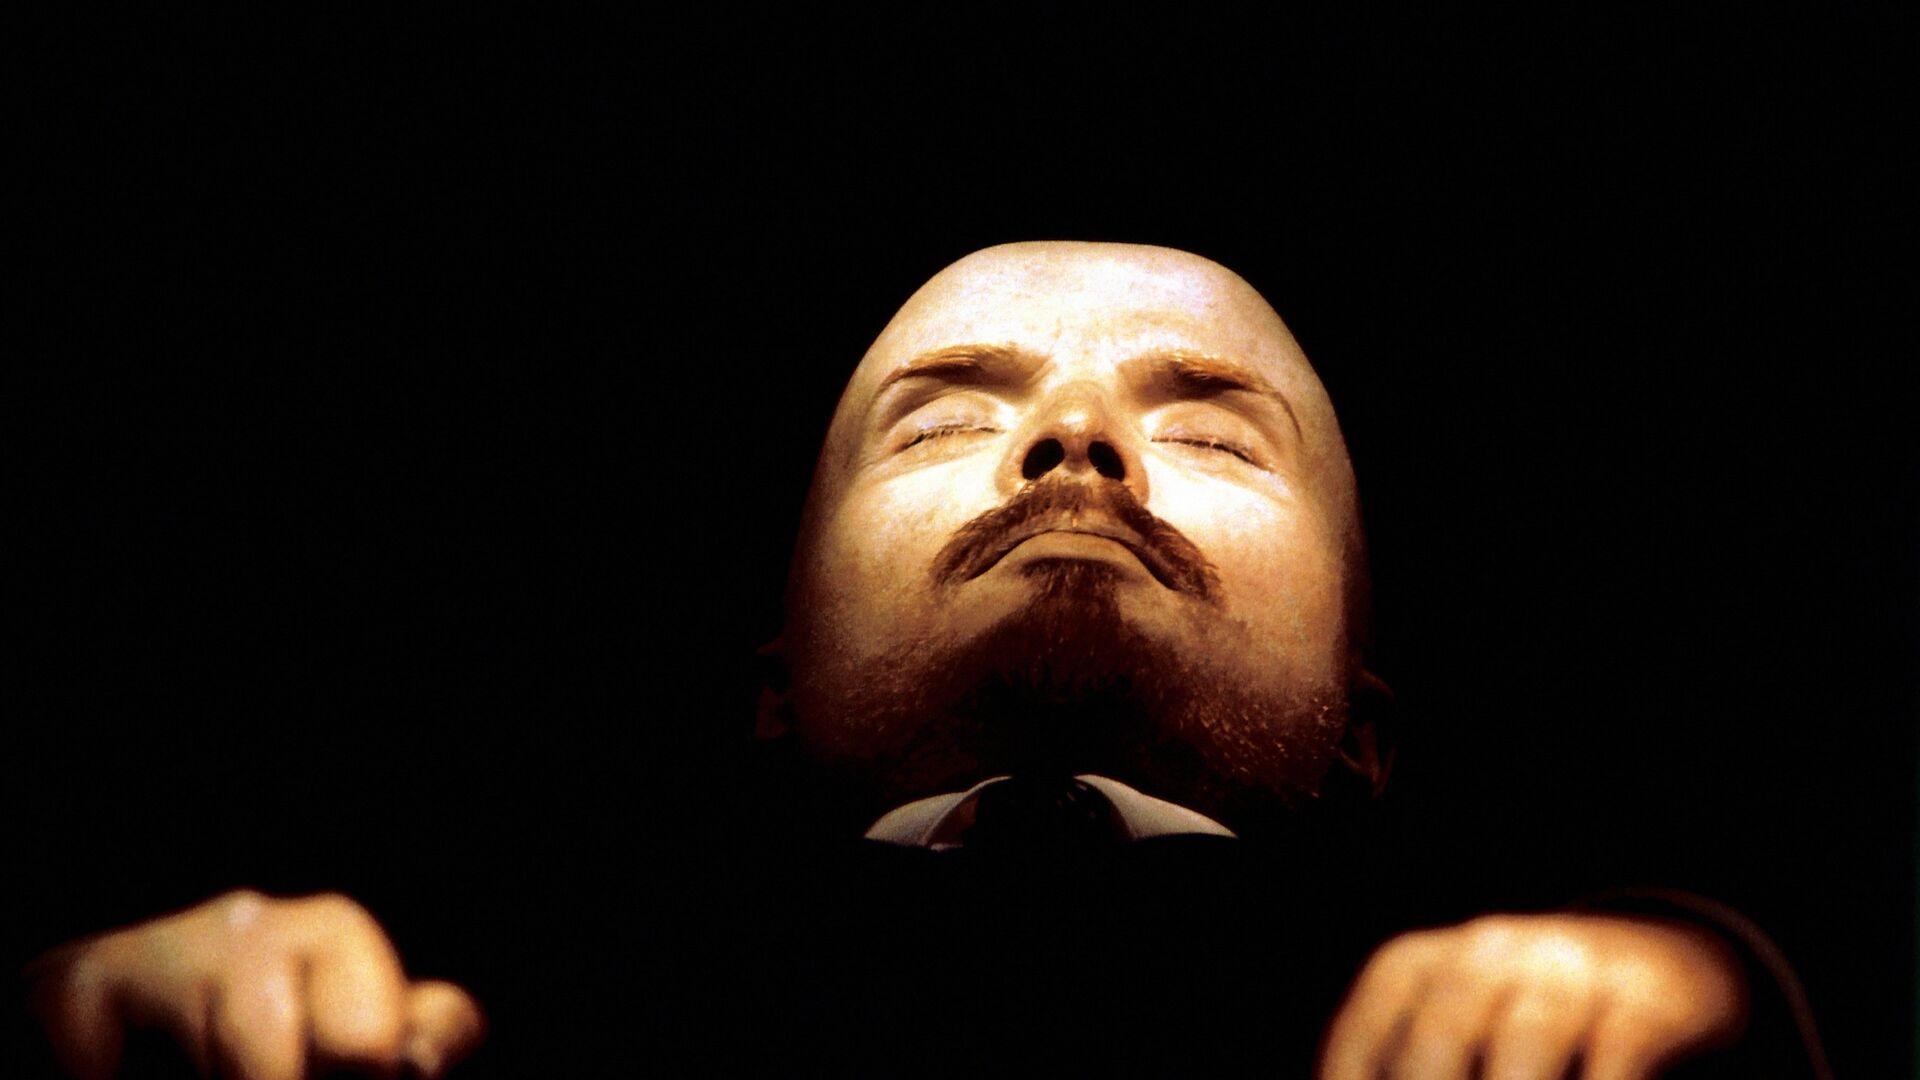 Бальзамированное тело В.И.Ленина в мавзолее в Москве - РИА Новости, 1920, 16.09.2020